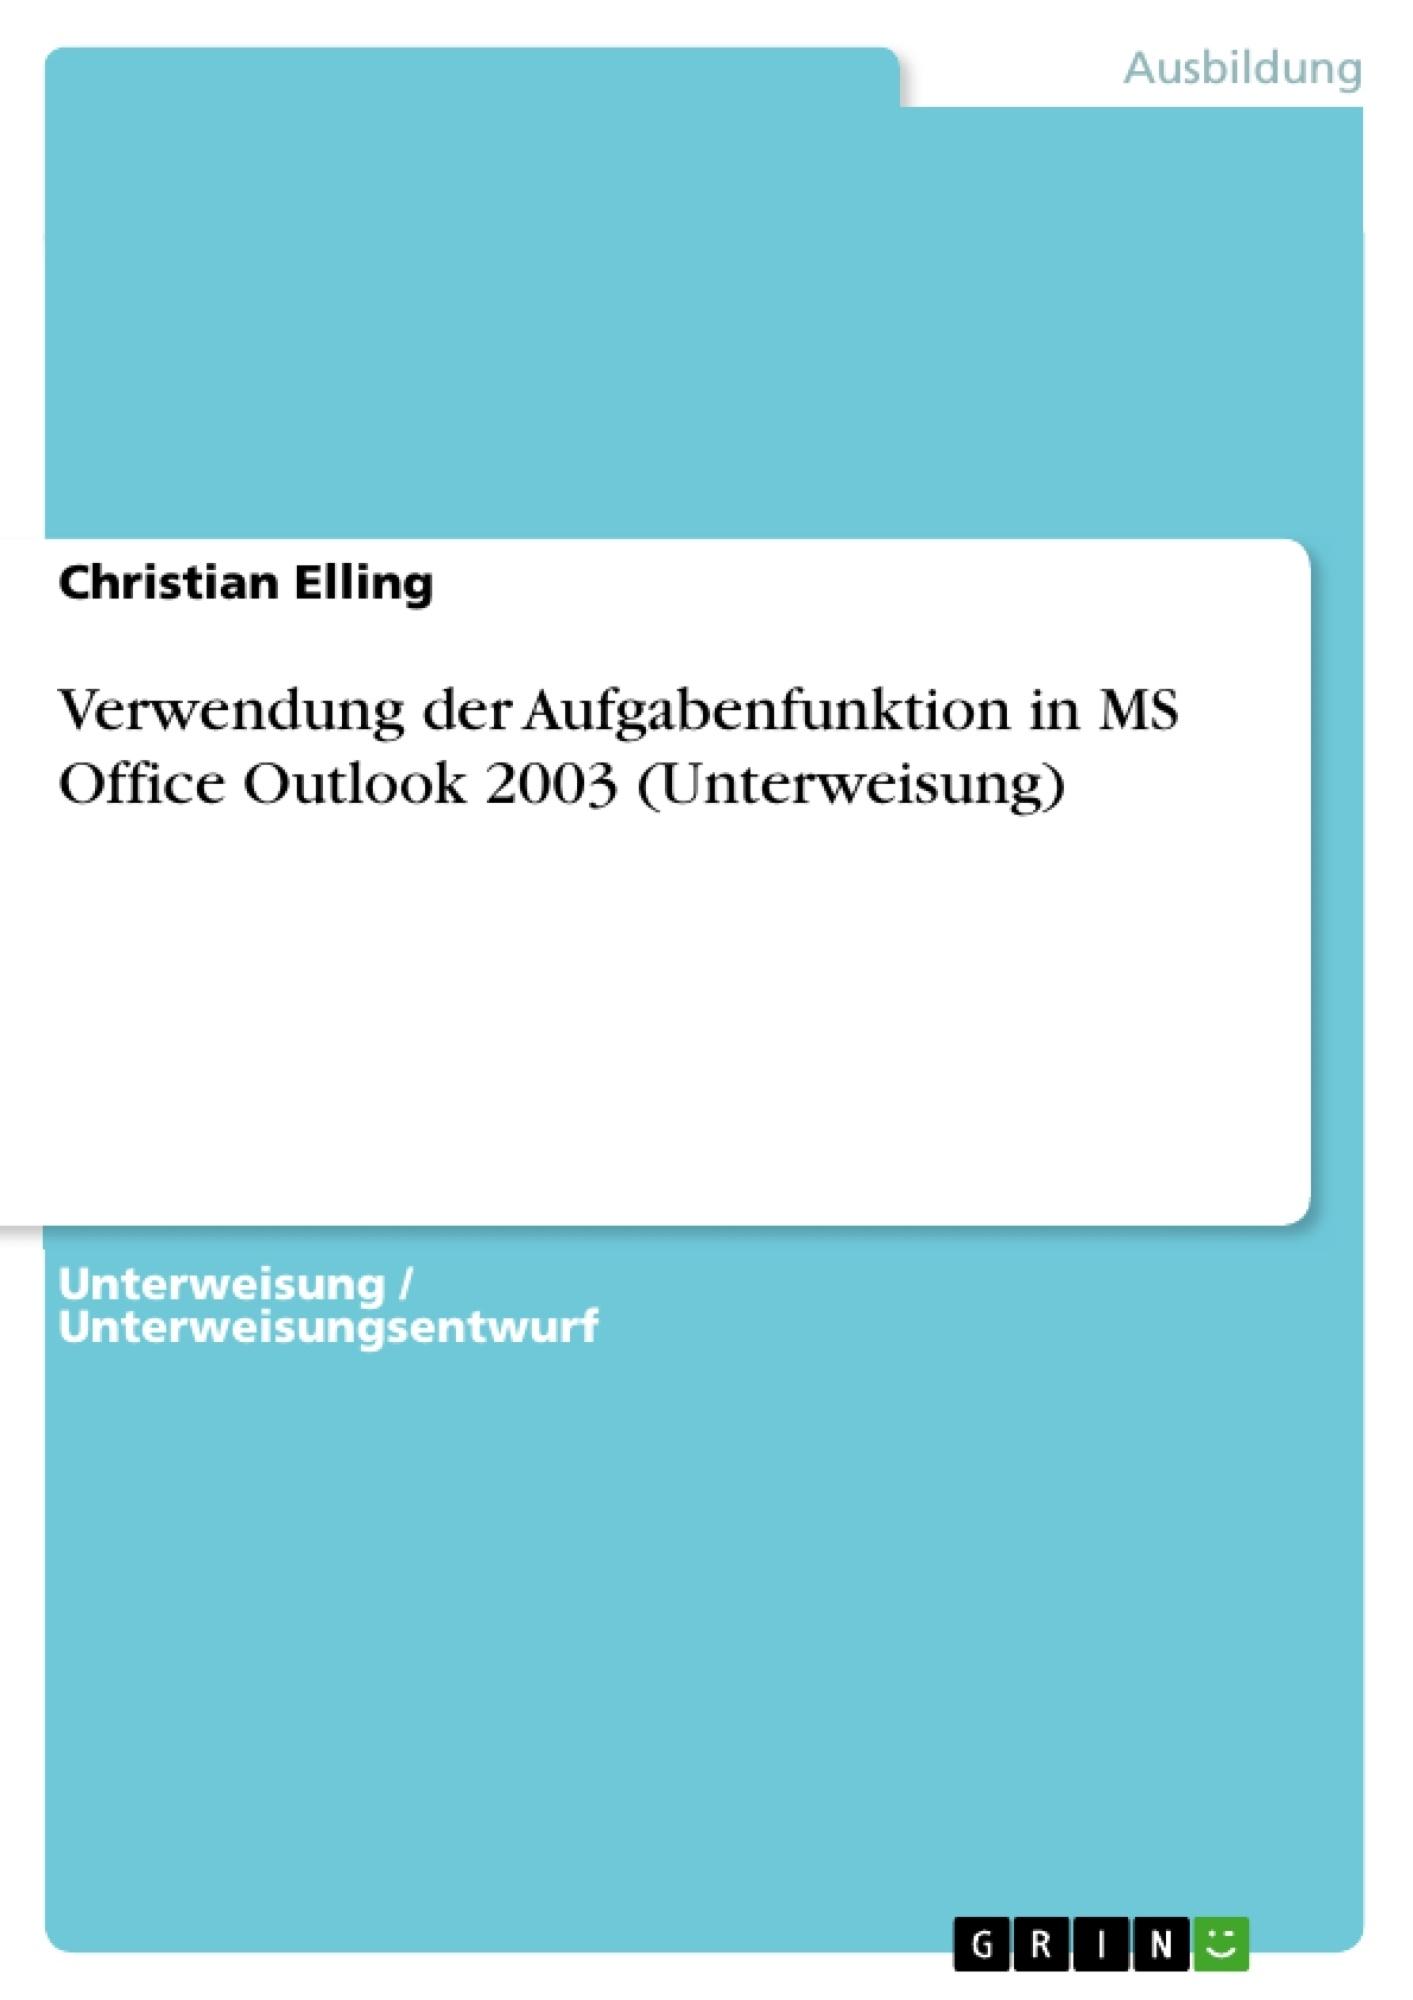 Titel: Verwendung der Aufgabenfunktion in MS Office Outlook 2003 (Unterweisung)